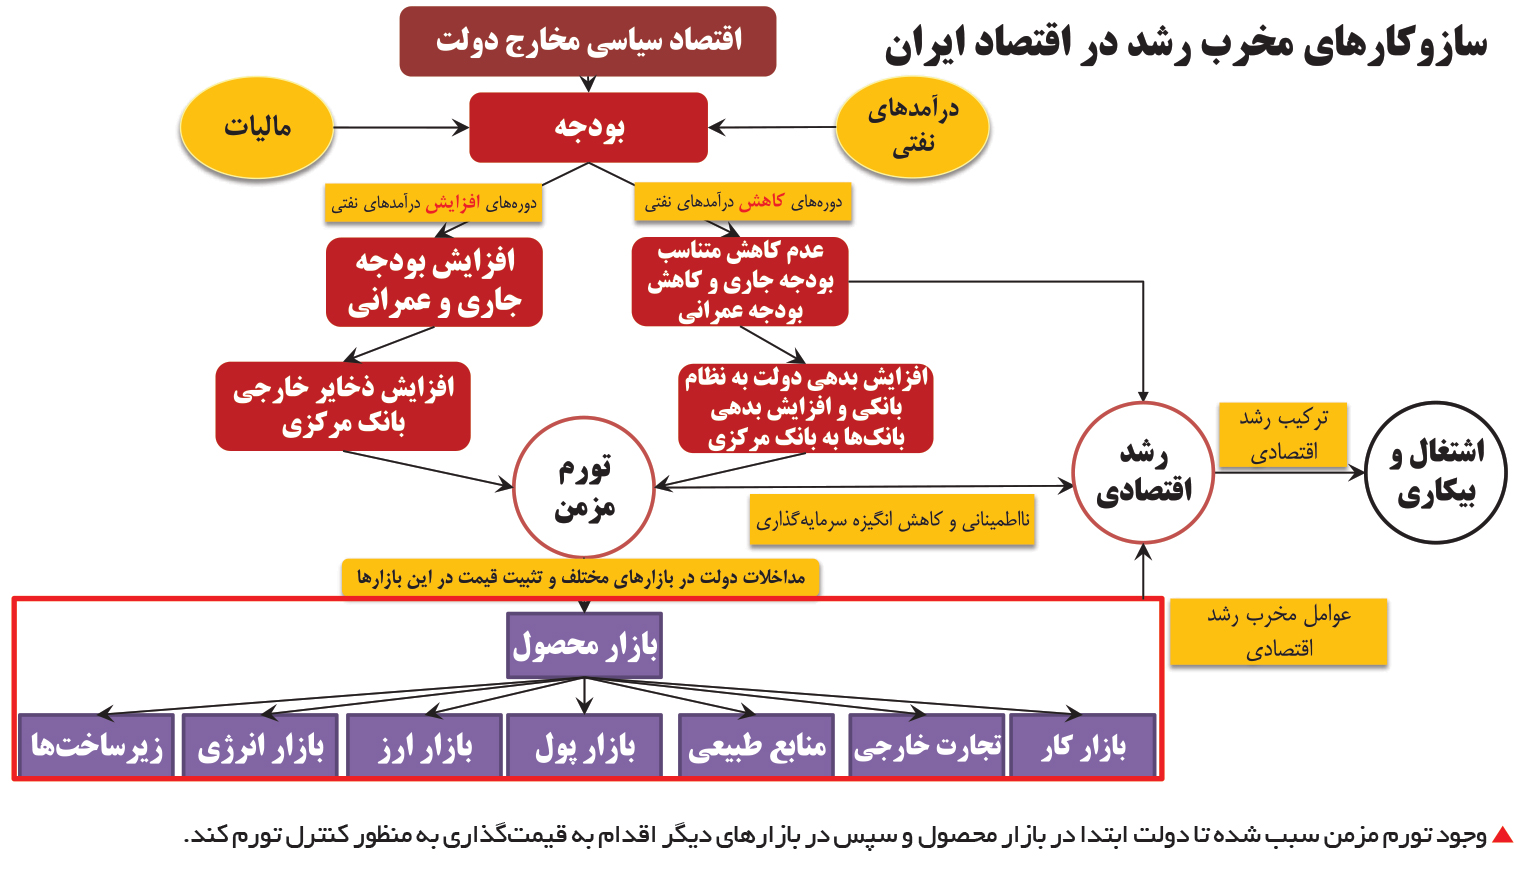 تجارت فردا-  سازوکارهای مخرب رشد در اقتصاد ایران2